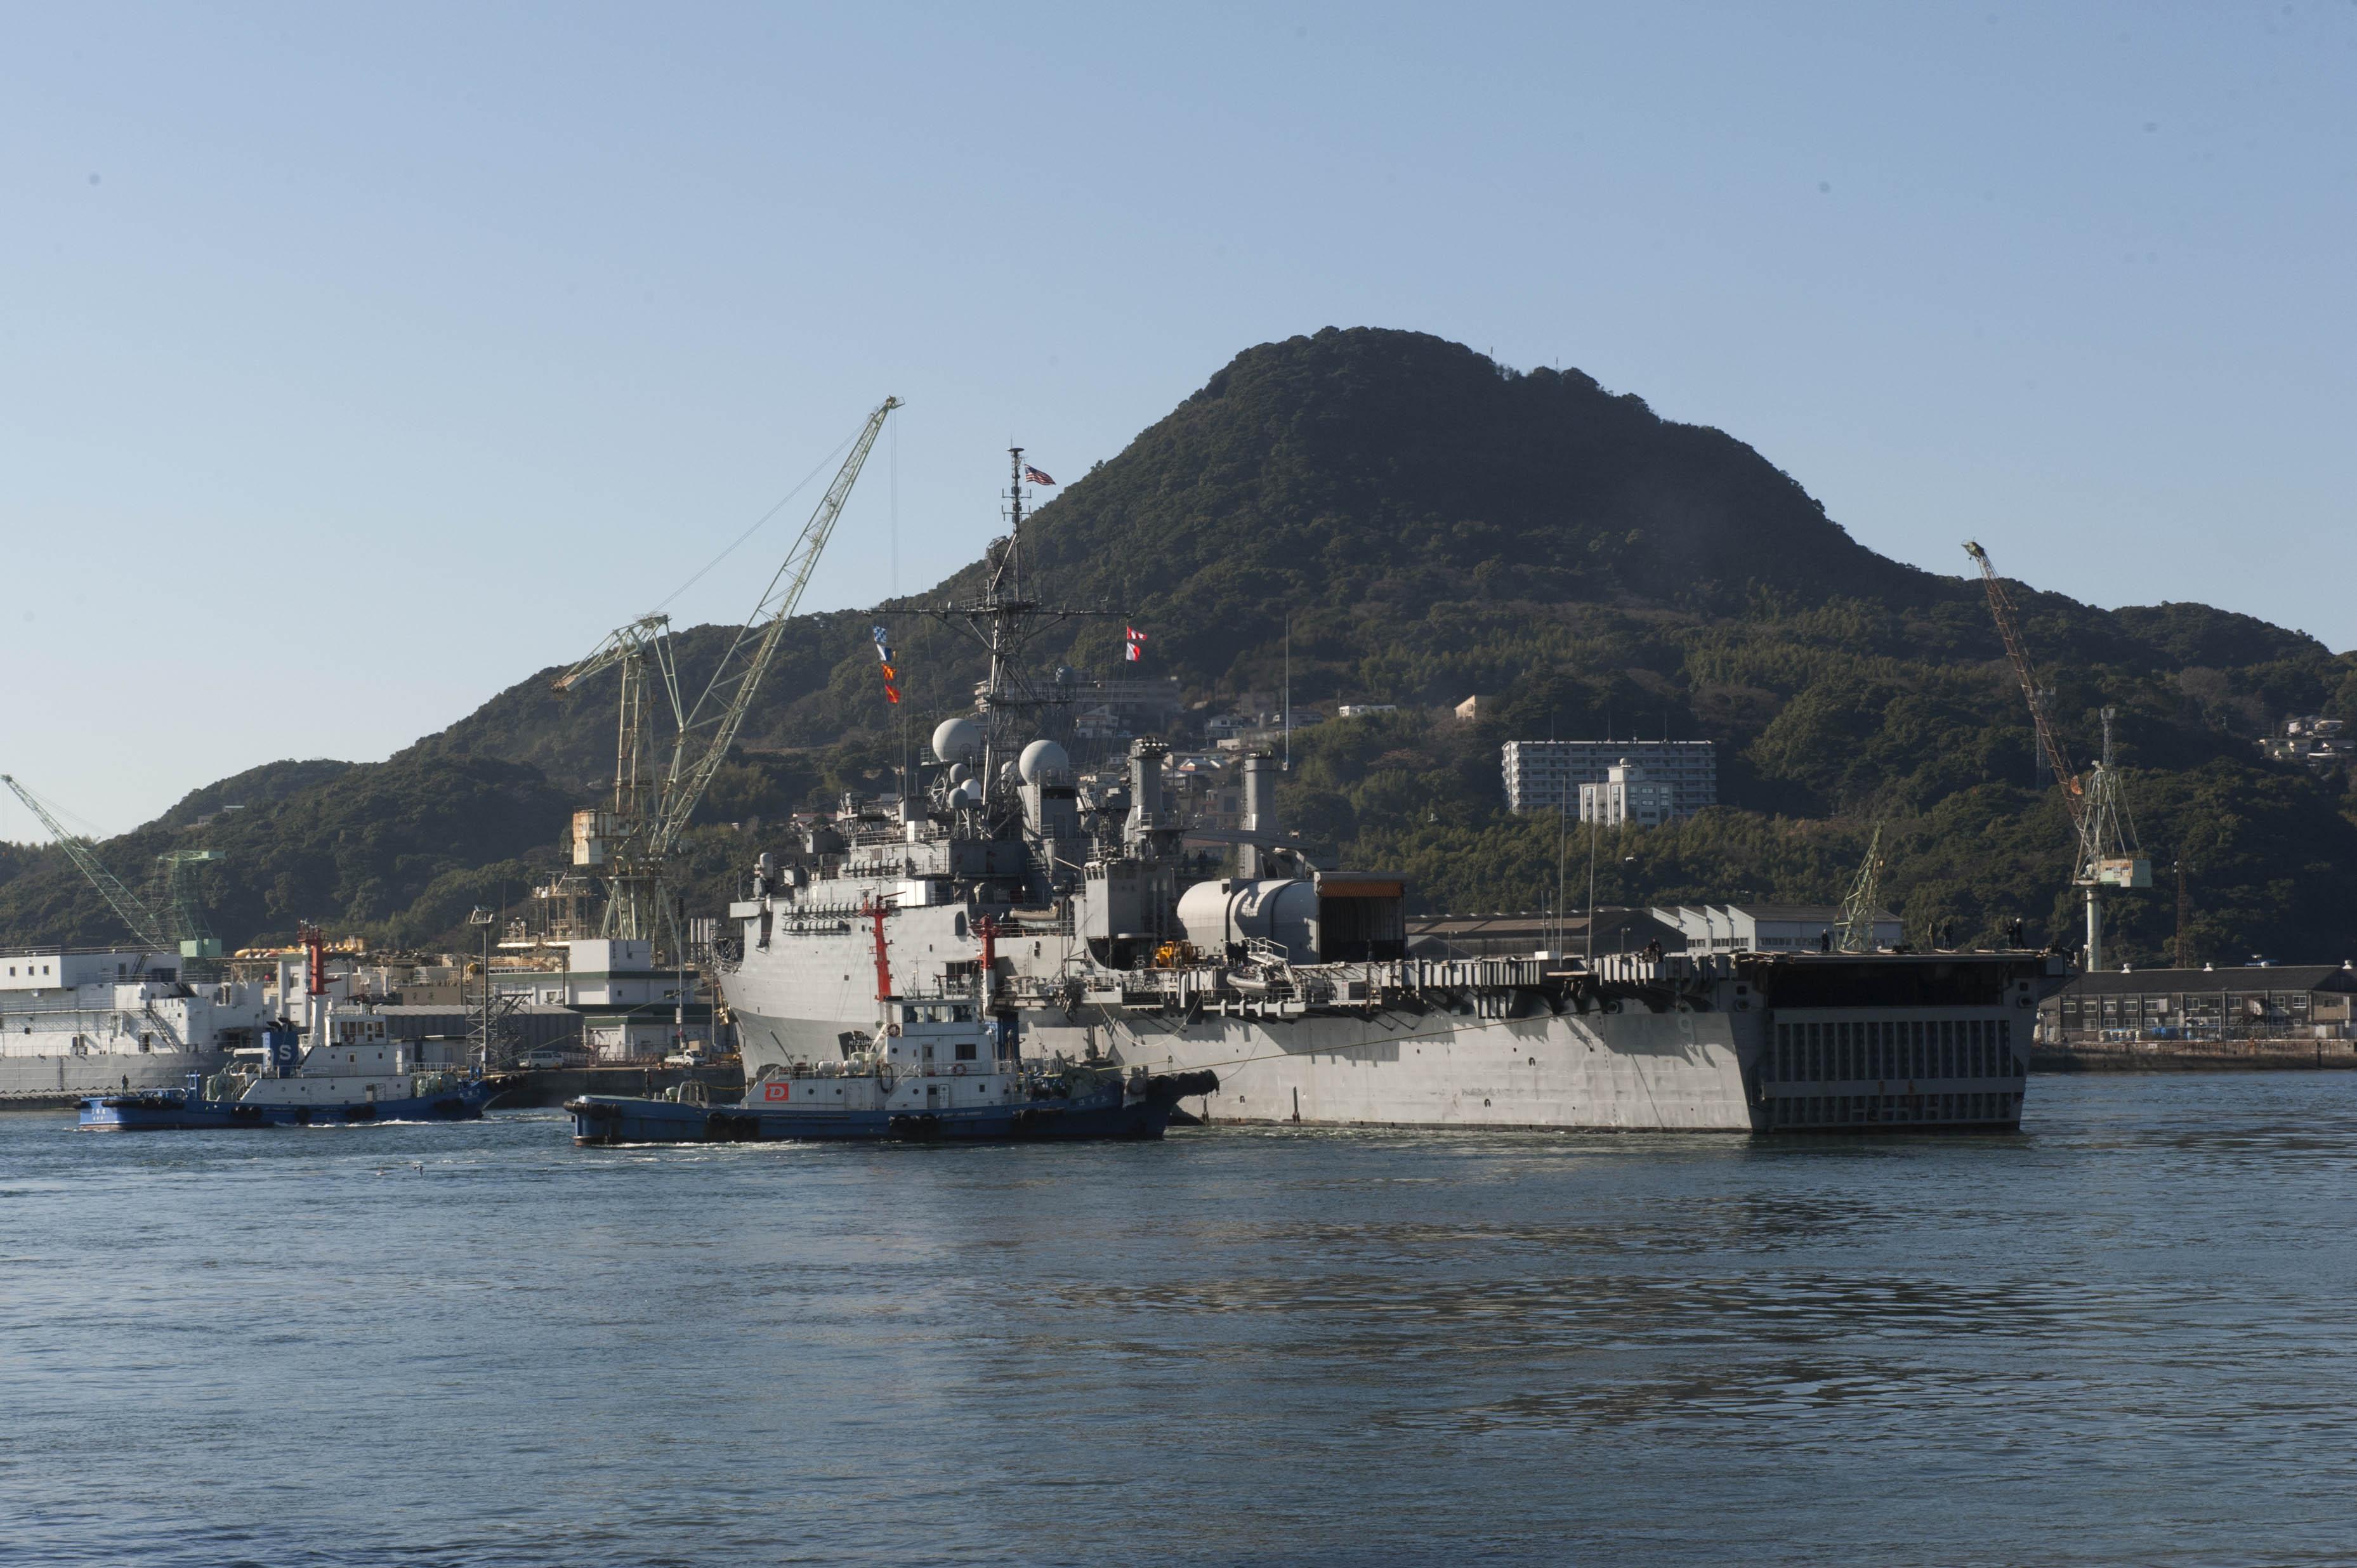 USS DENVER LPD-9 Auslaufen Sasebo am 27.01.2014 Bild: U.S. Navy